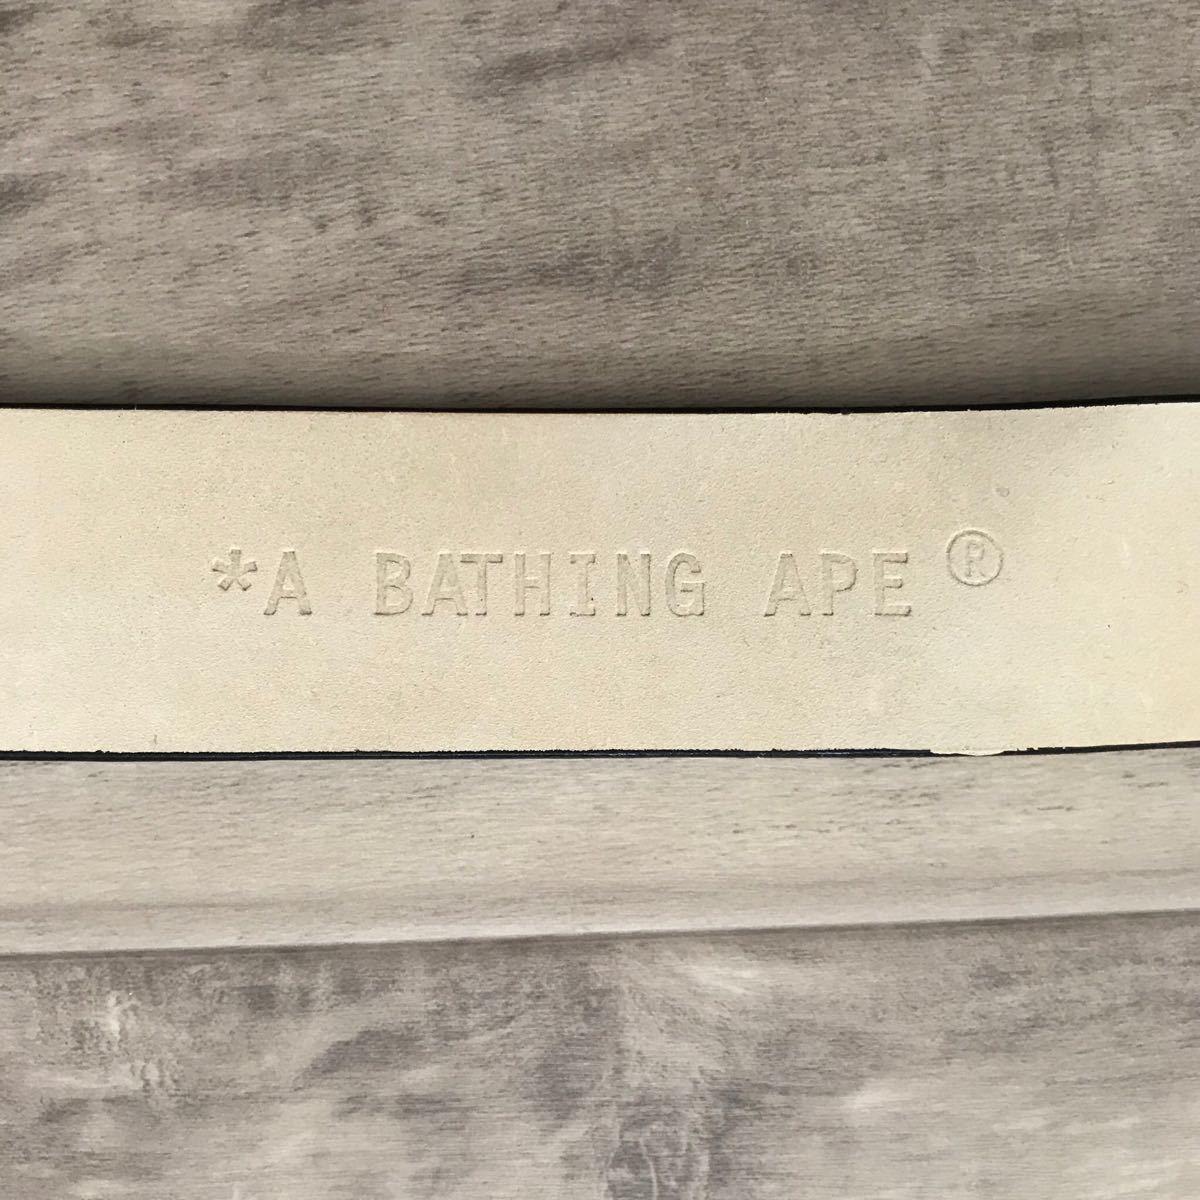 マルチカモ レザー ベルト a bathing ape bape multi camo cotton candy エイプ ベイプ アベイシングエイプ バックル nigo 裏原宿 gold